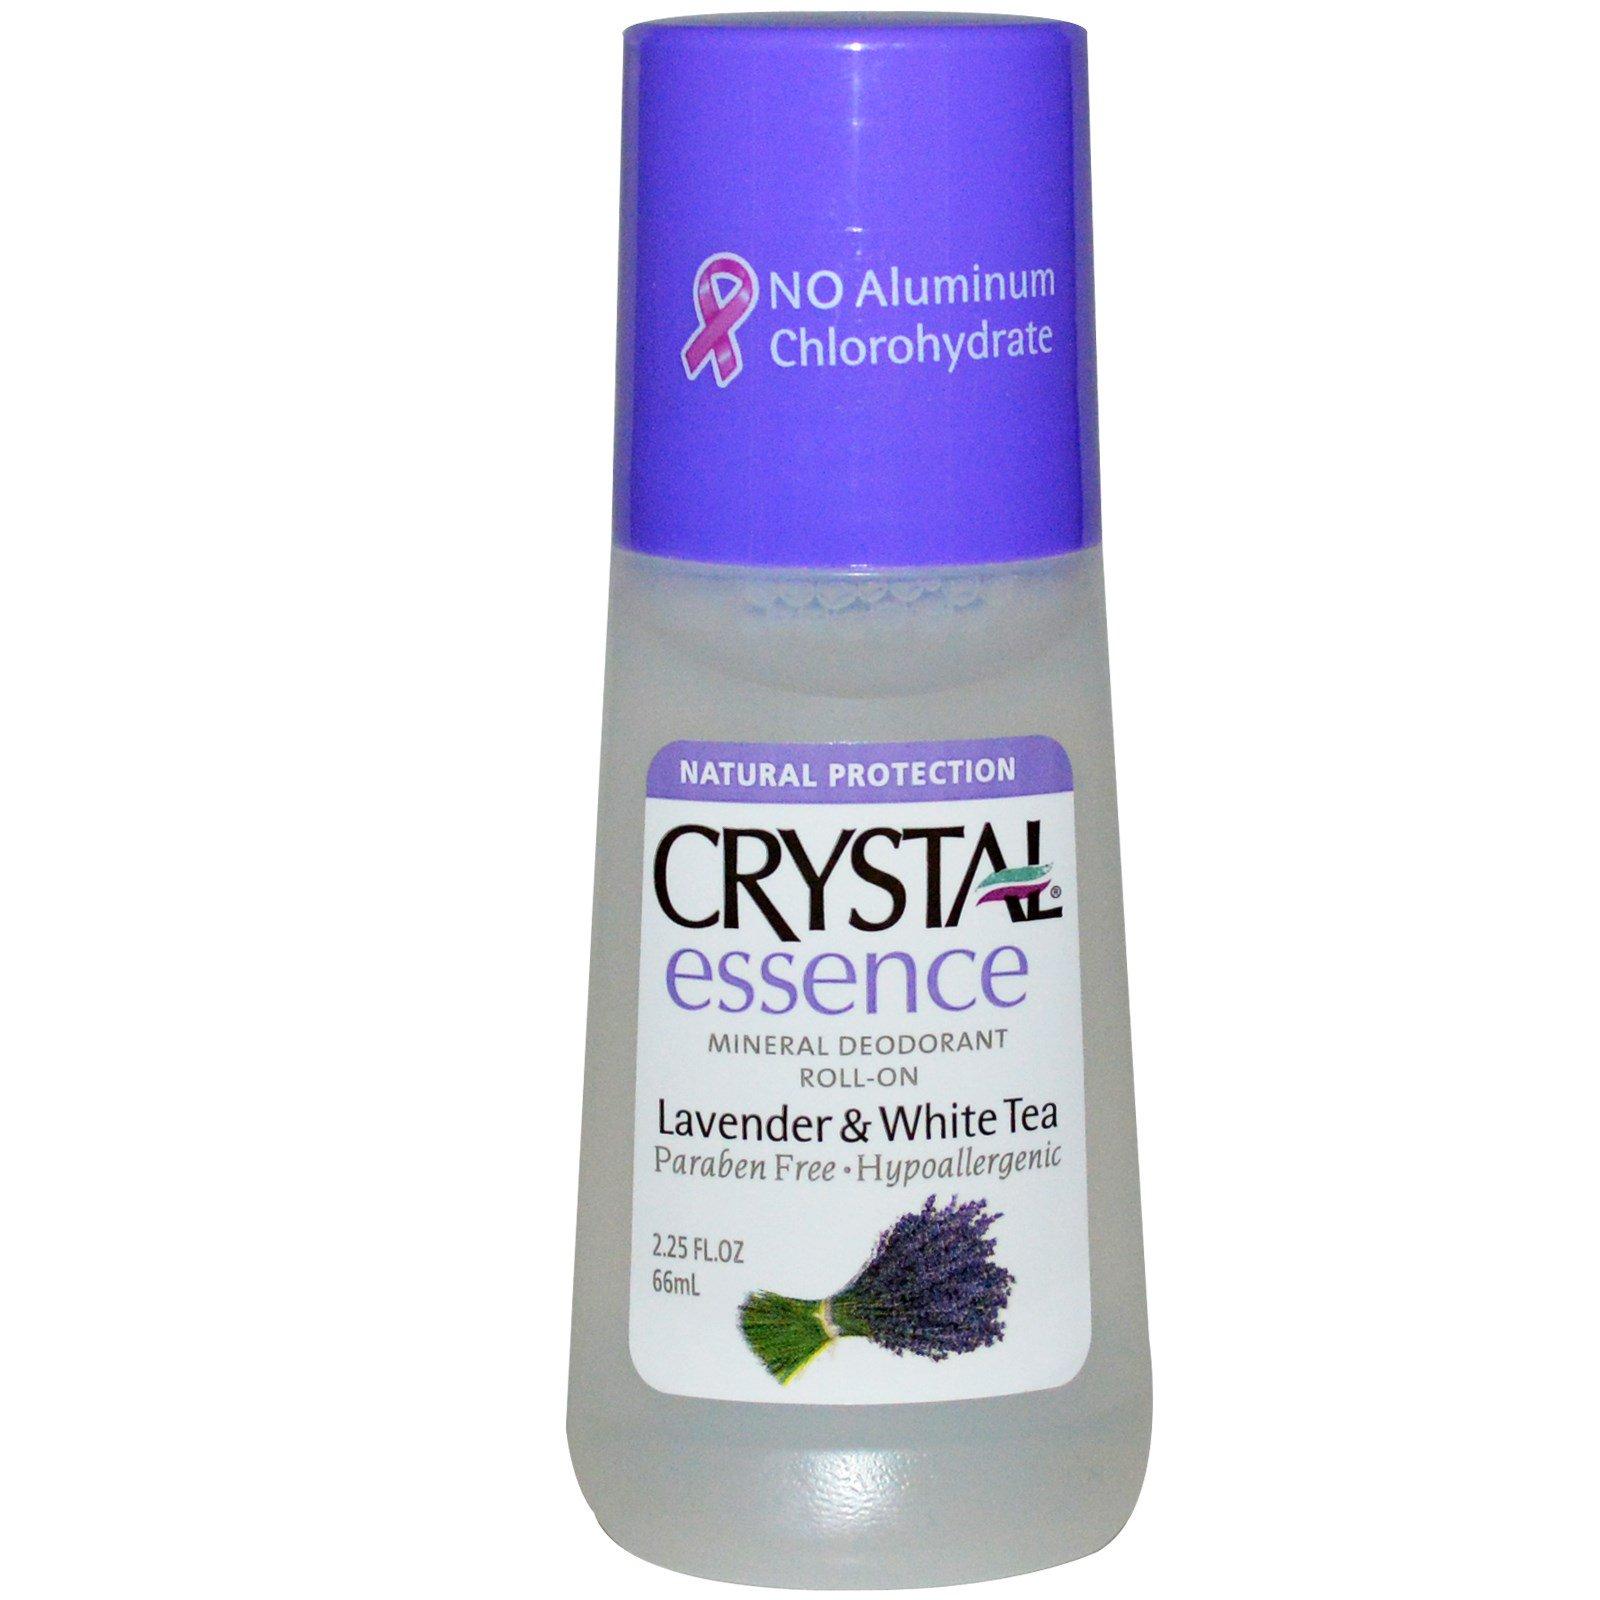 Crystal Body Deodorant, Минеральный шариковый дезодорант с  лавандой и белым чаем, 2.25 жидких унций (66 мл)